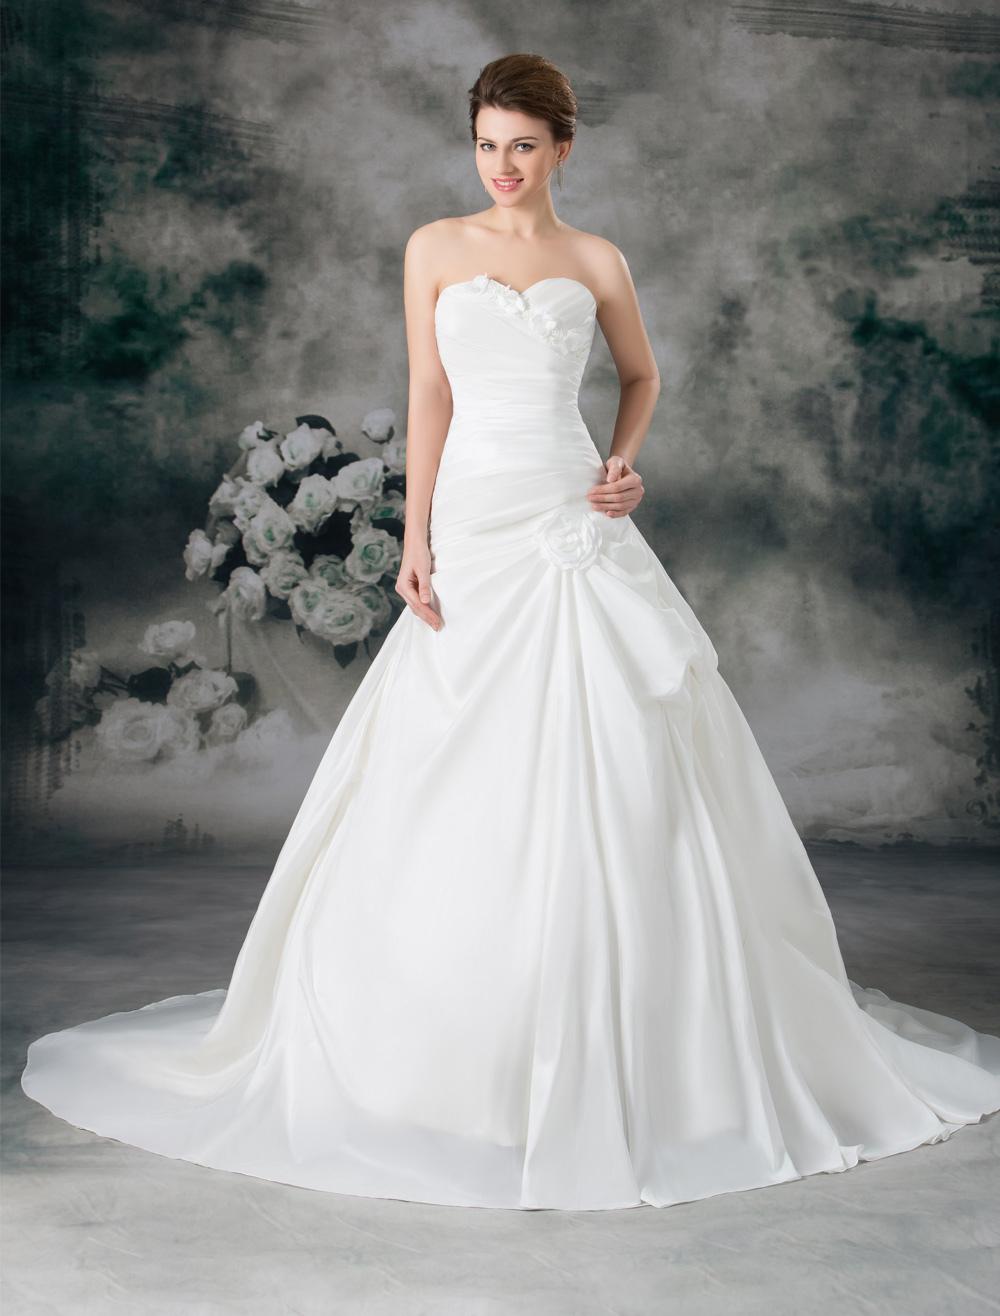 White Ball Gown Sweetheart Neck Flower Taffeta Wedding Dress For Bride photo